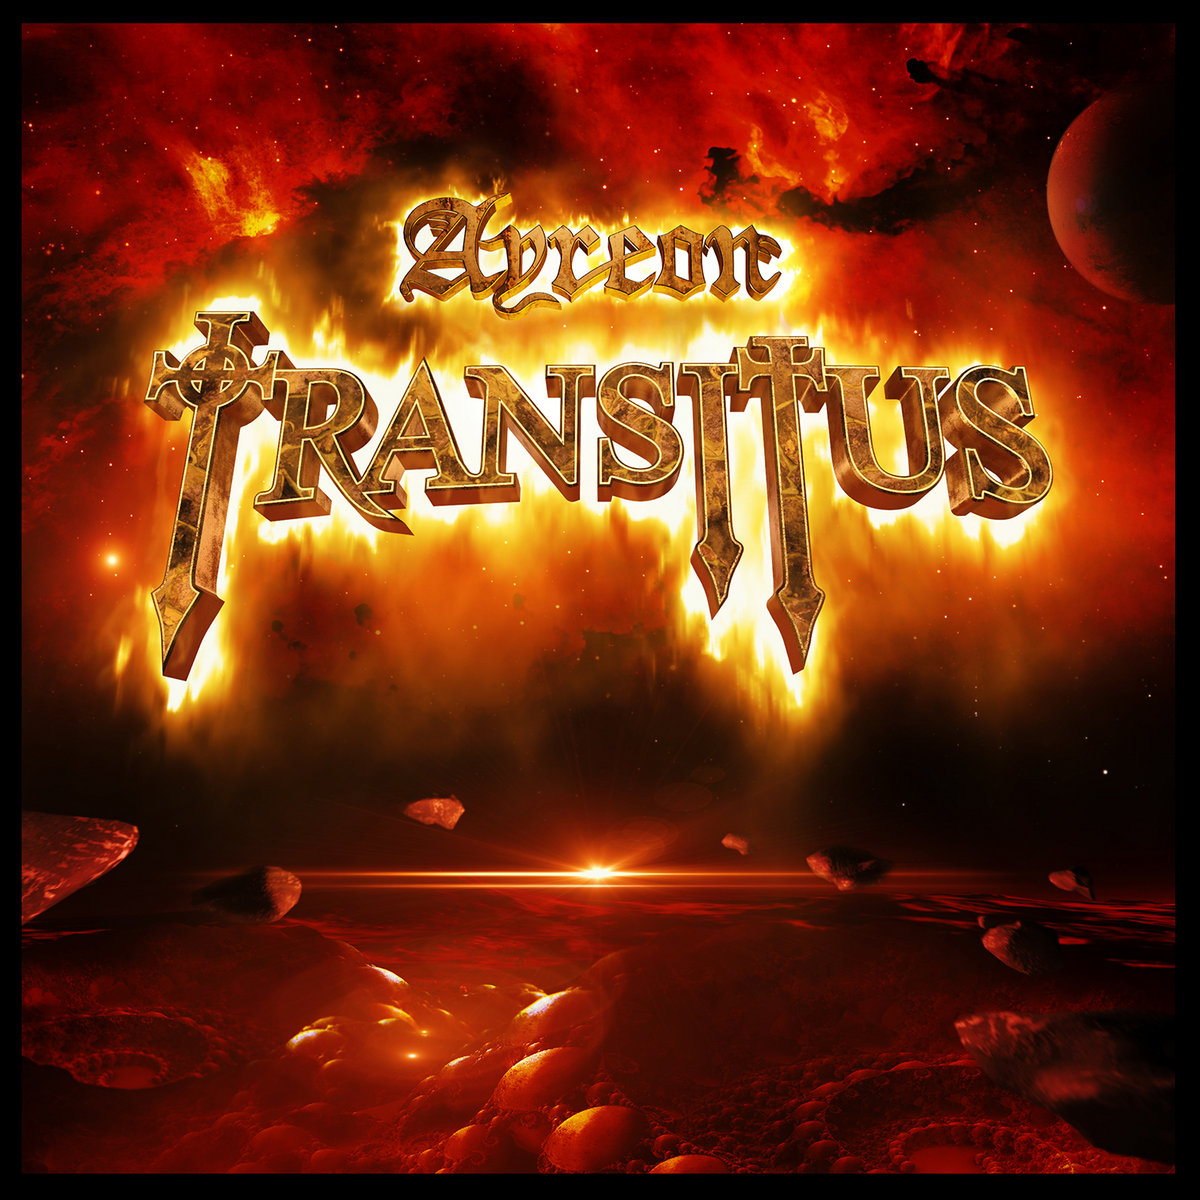 Transitus Ayreon Cover Art Artwork